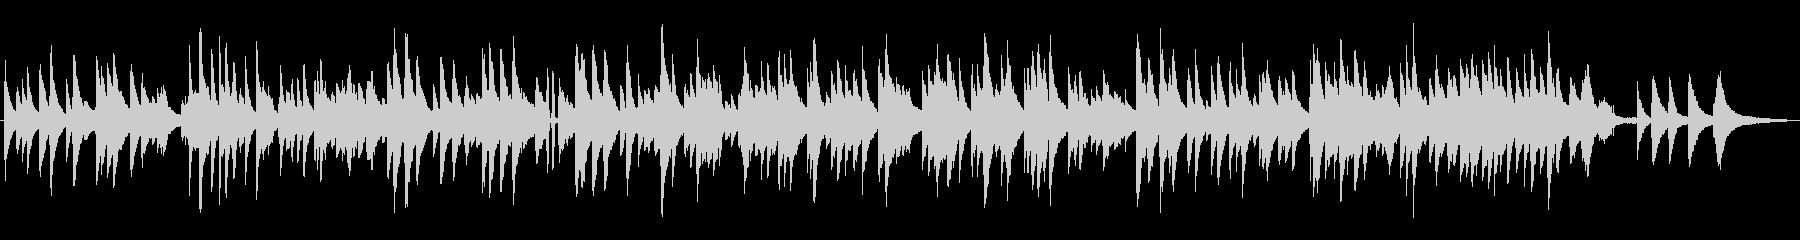 ゆっくりめのピアノソロ/ジャズラウンジの未再生の波形